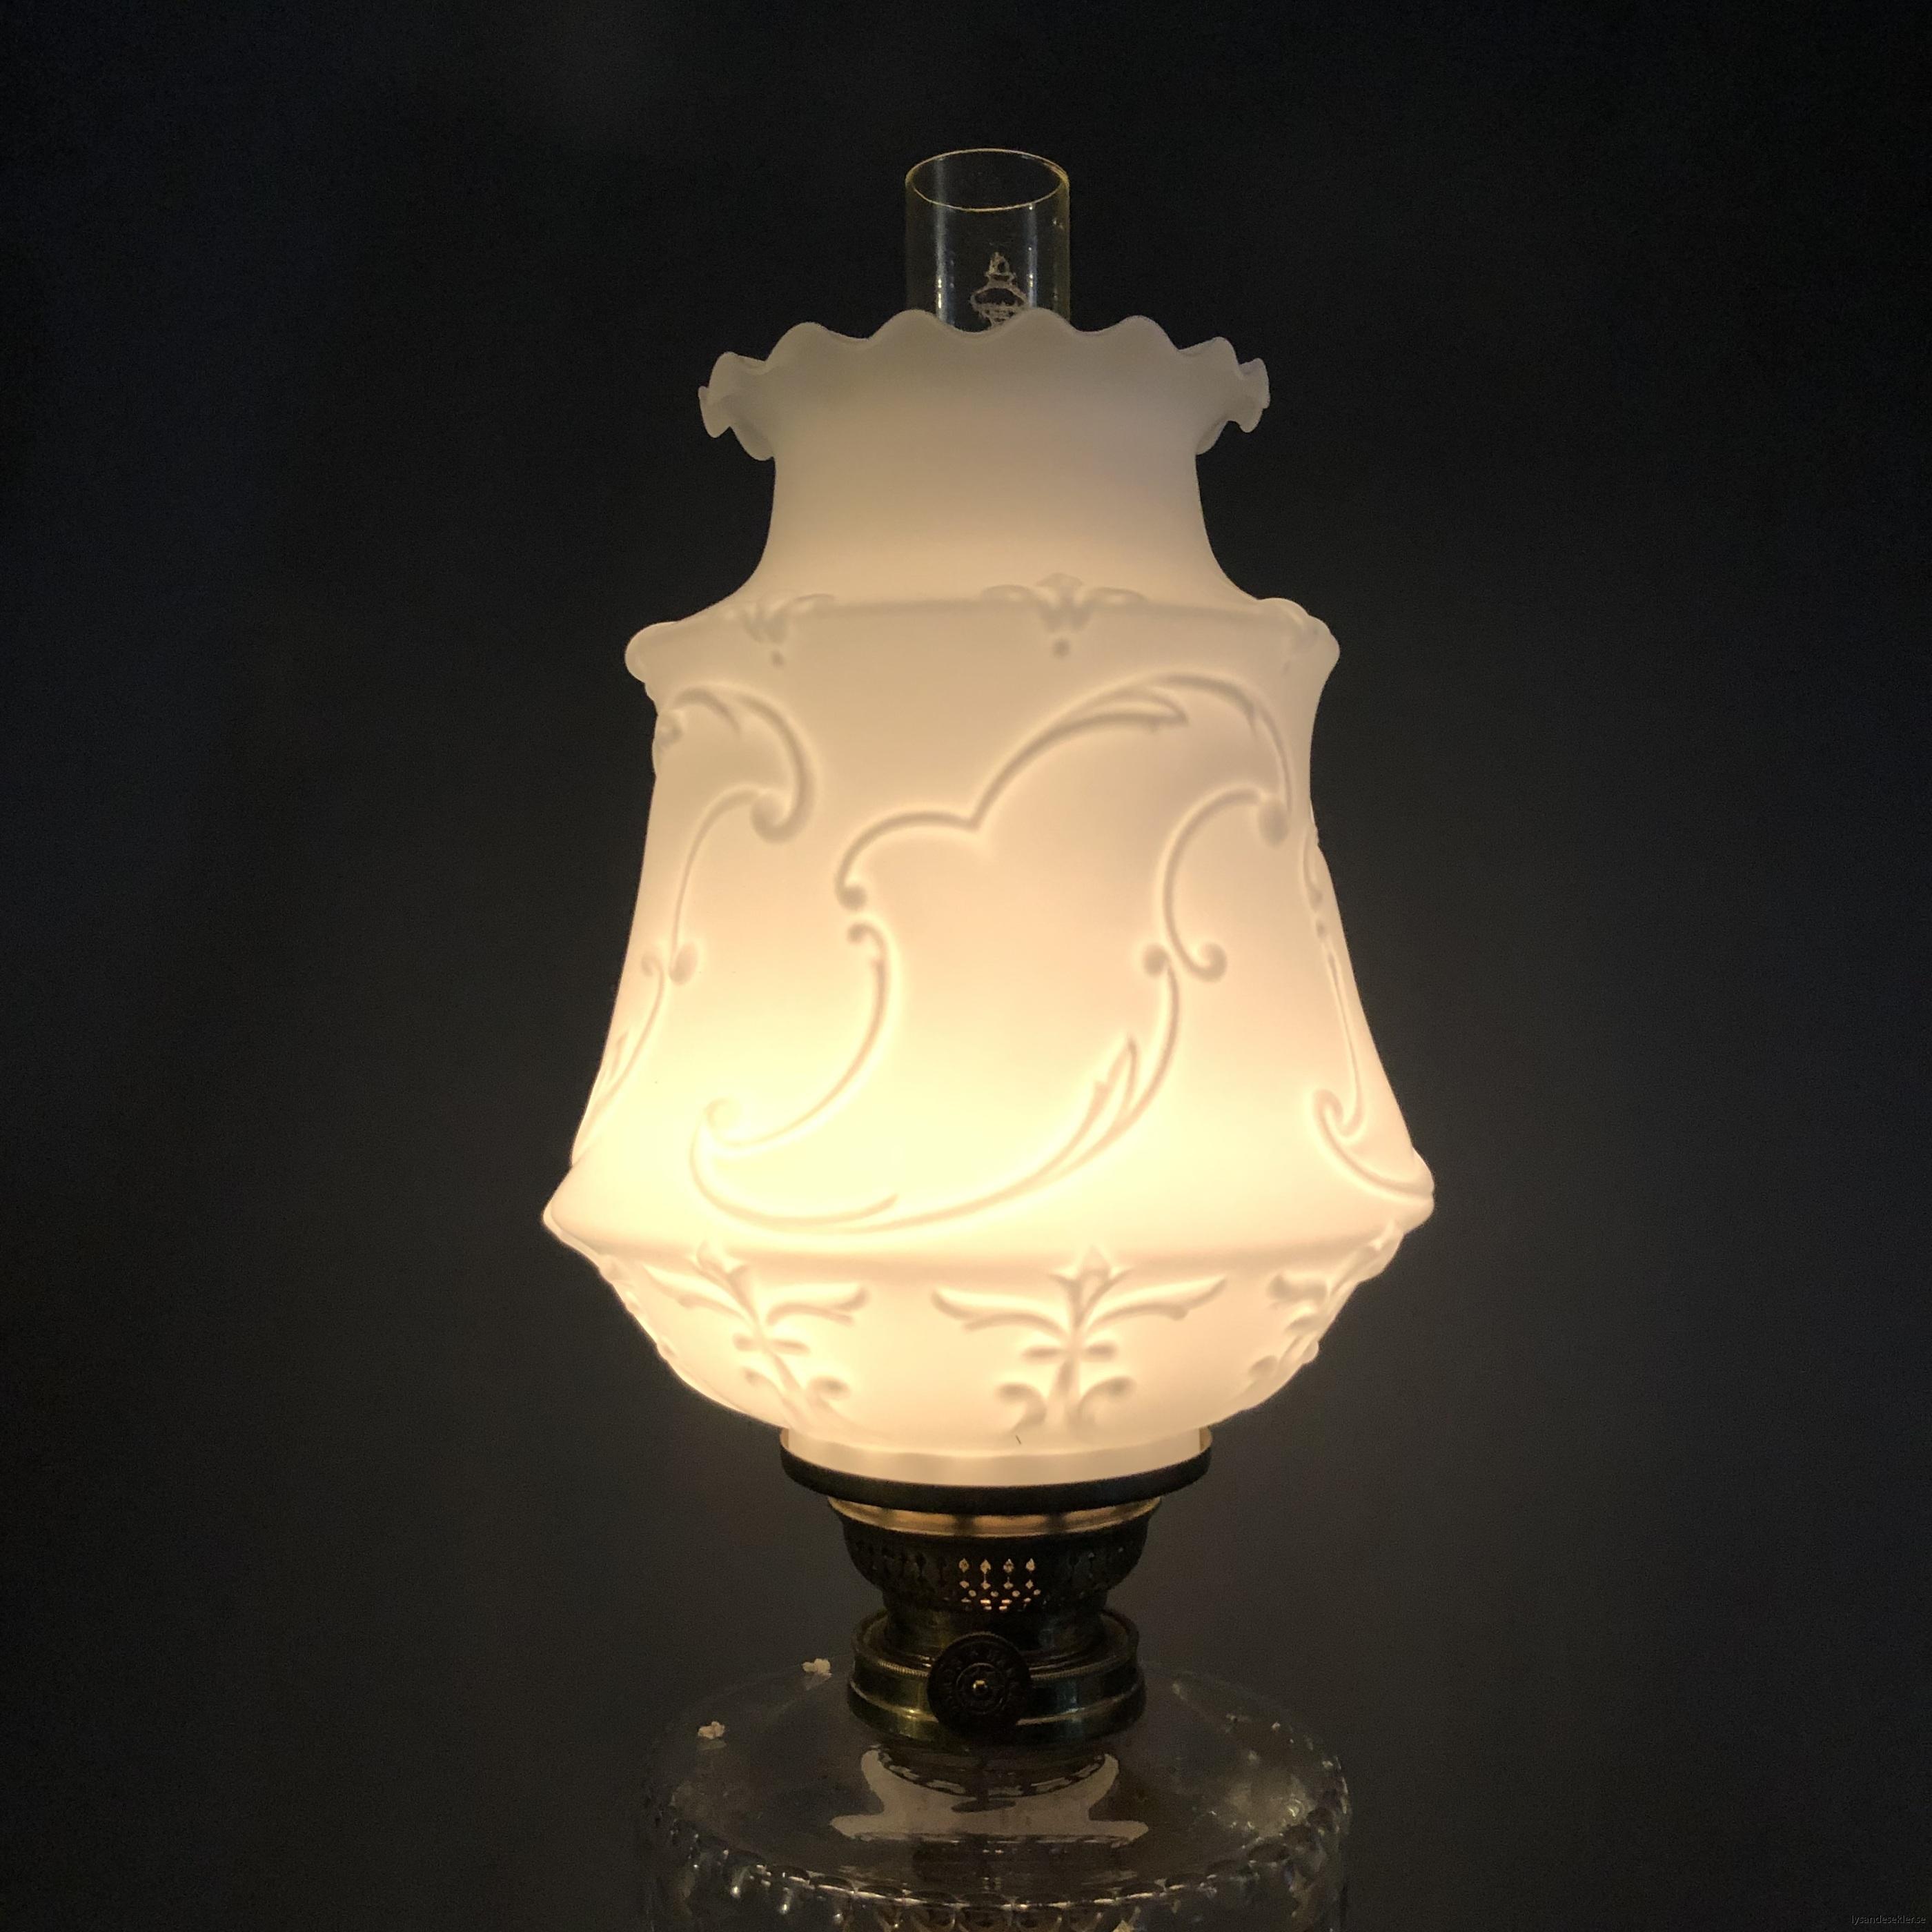 matt vit tulpankupa till fotogenlampa 1